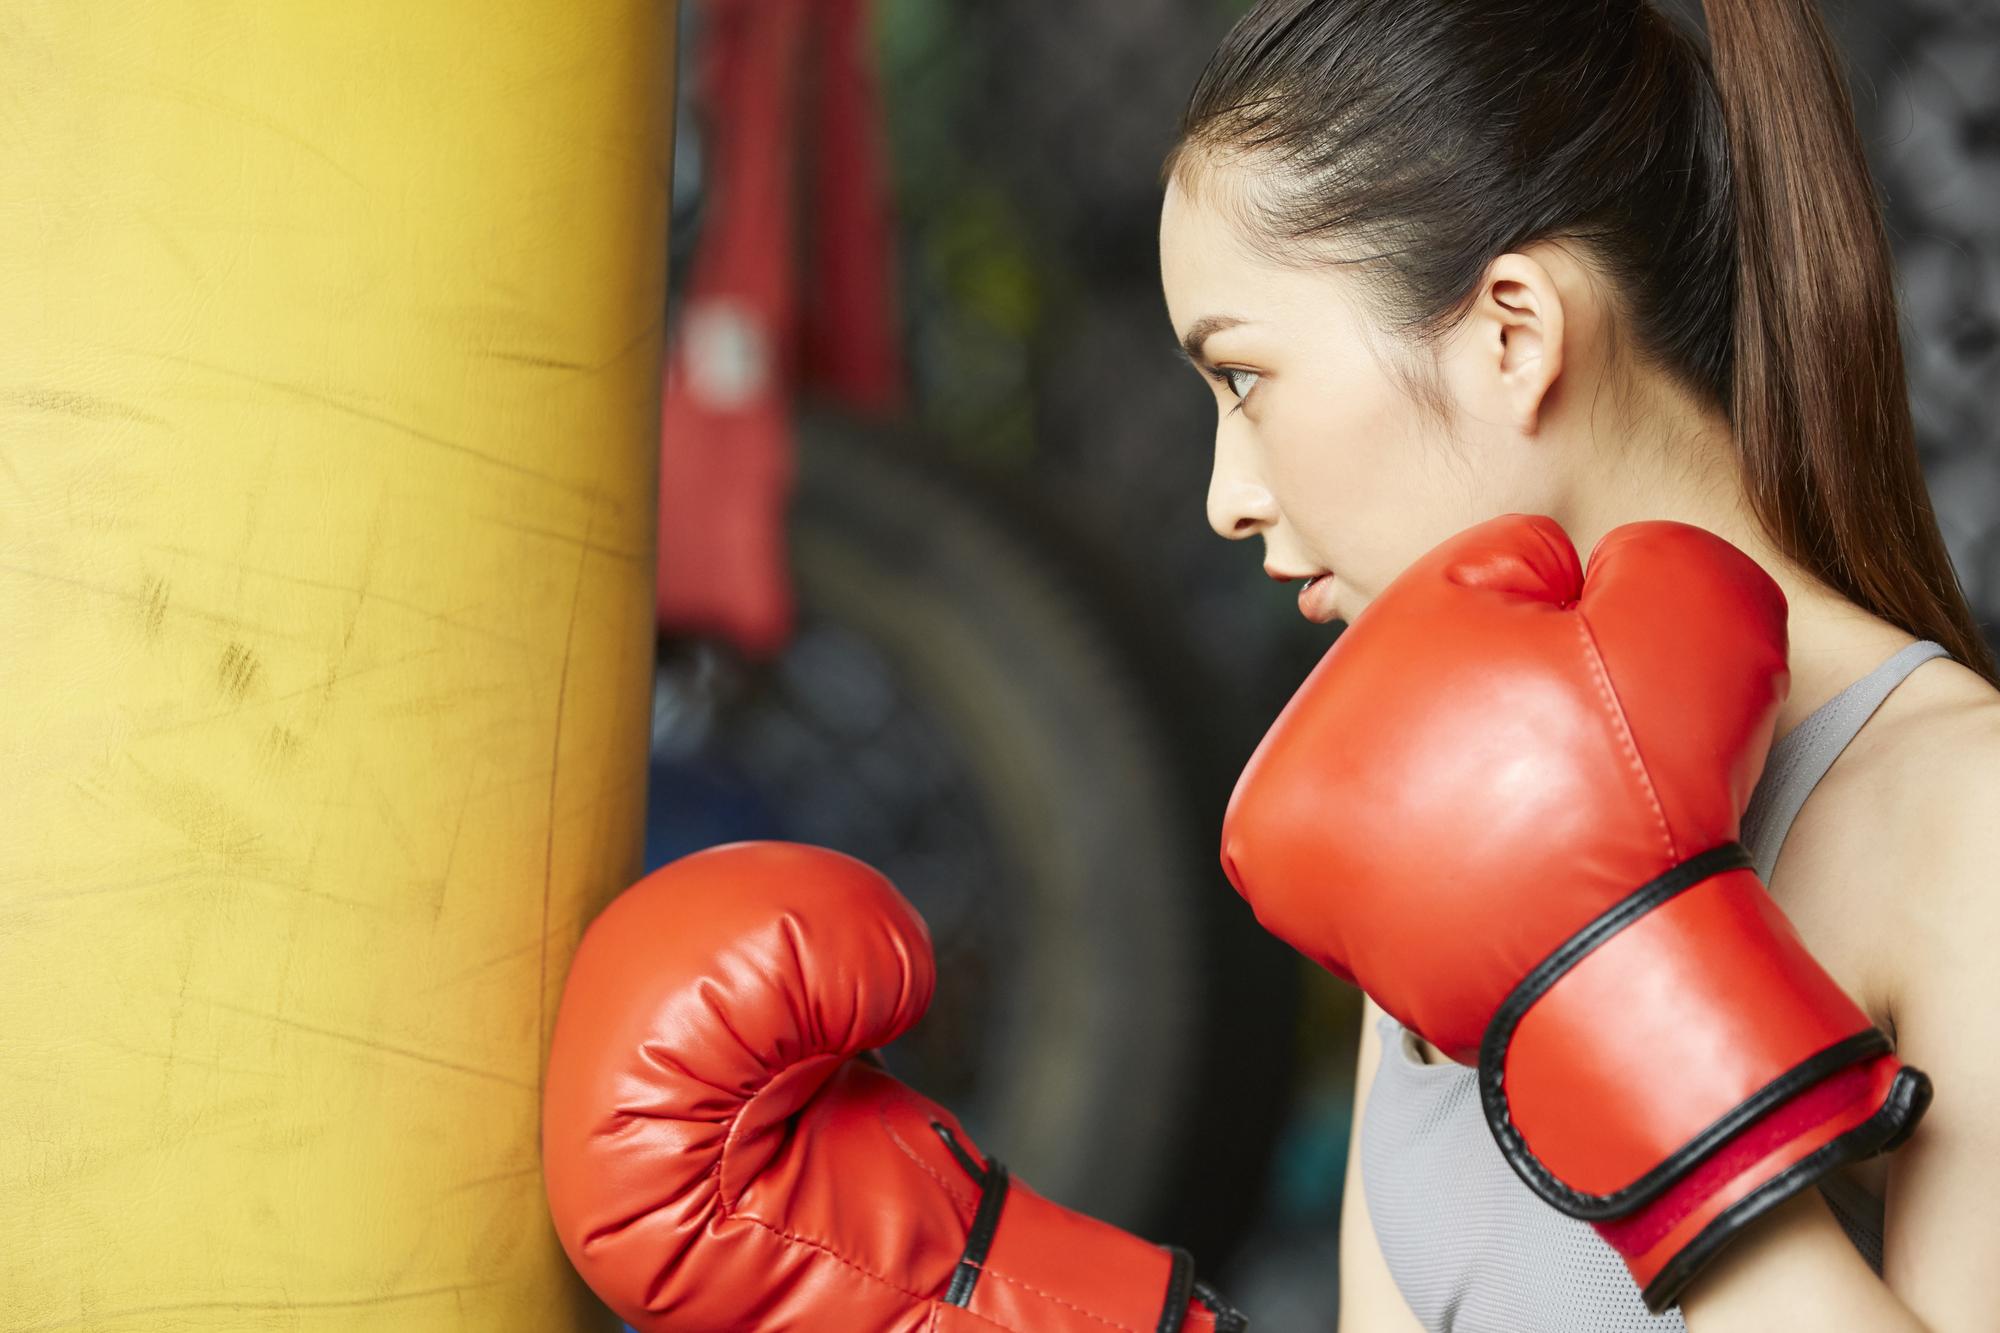 キックボクシングとヨガのどちらにするべき?